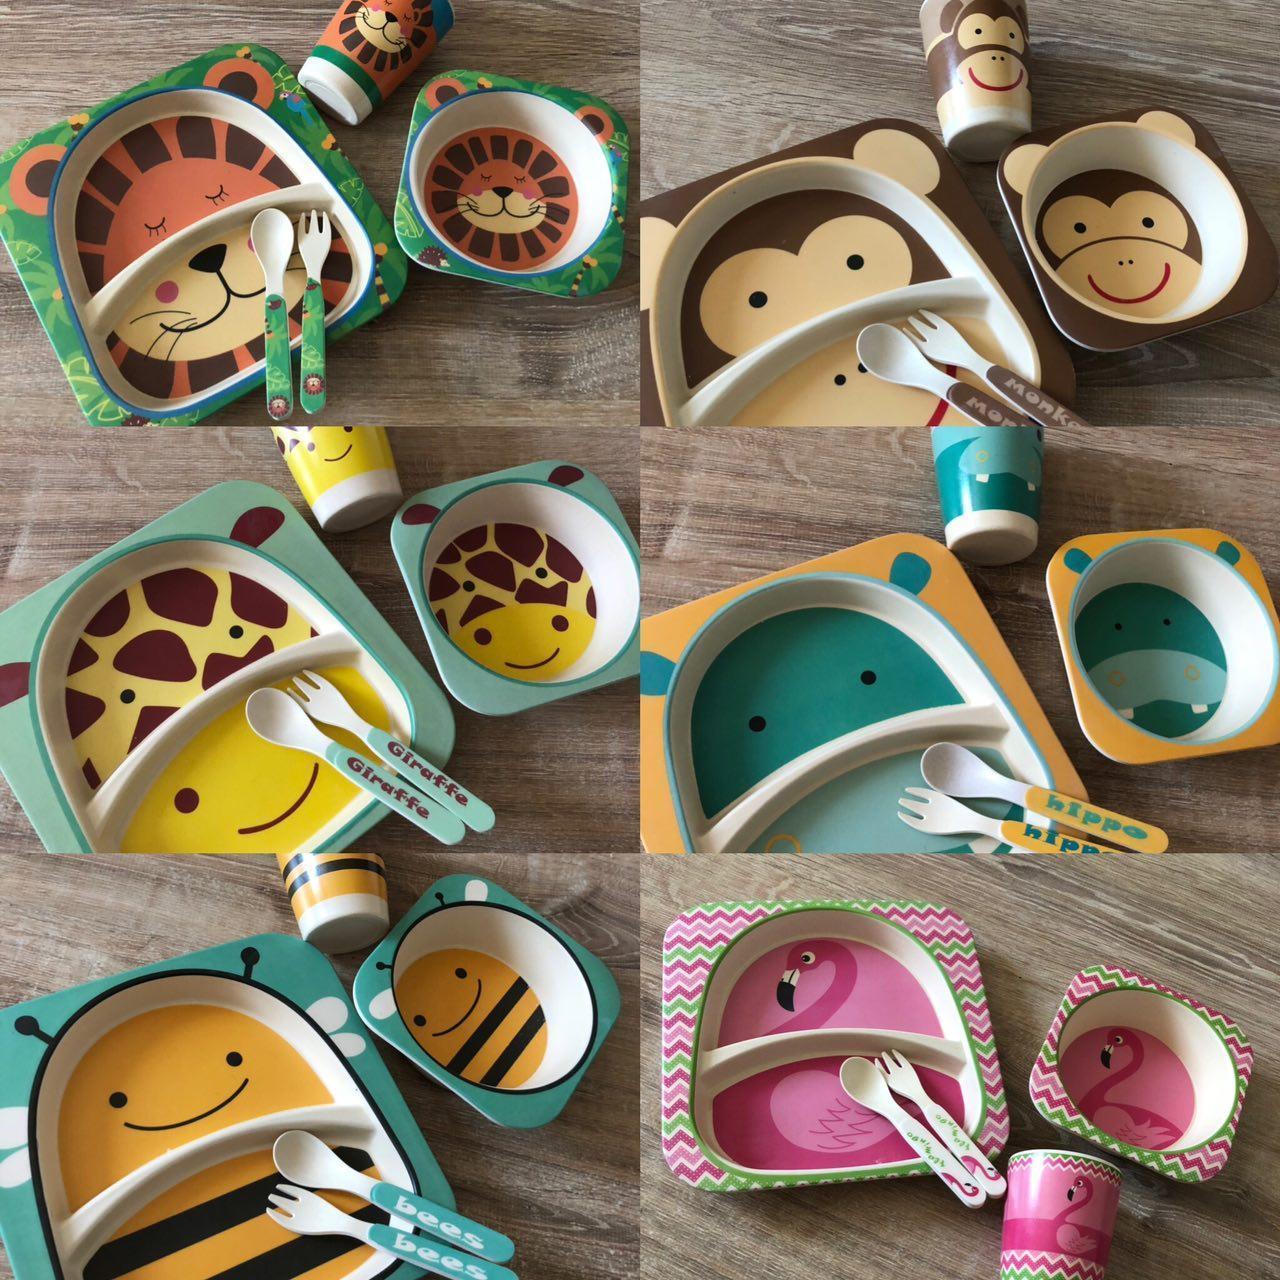 Набор детской бамбуковой посуды Elit LUX Baby 5 приборов, коллекция животных